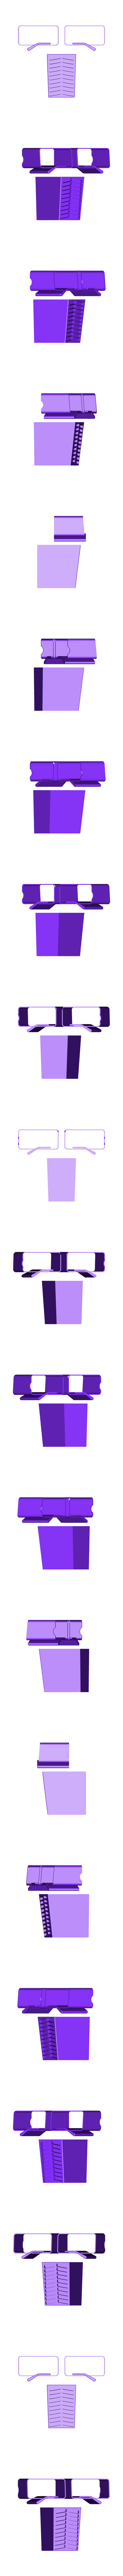 Torso-Silver.stl Télécharger fichier STL gratuit Big Optimus Prime! - Modèle multi-matériaux • Plan pour imprimante 3D, ChaosCoreTech